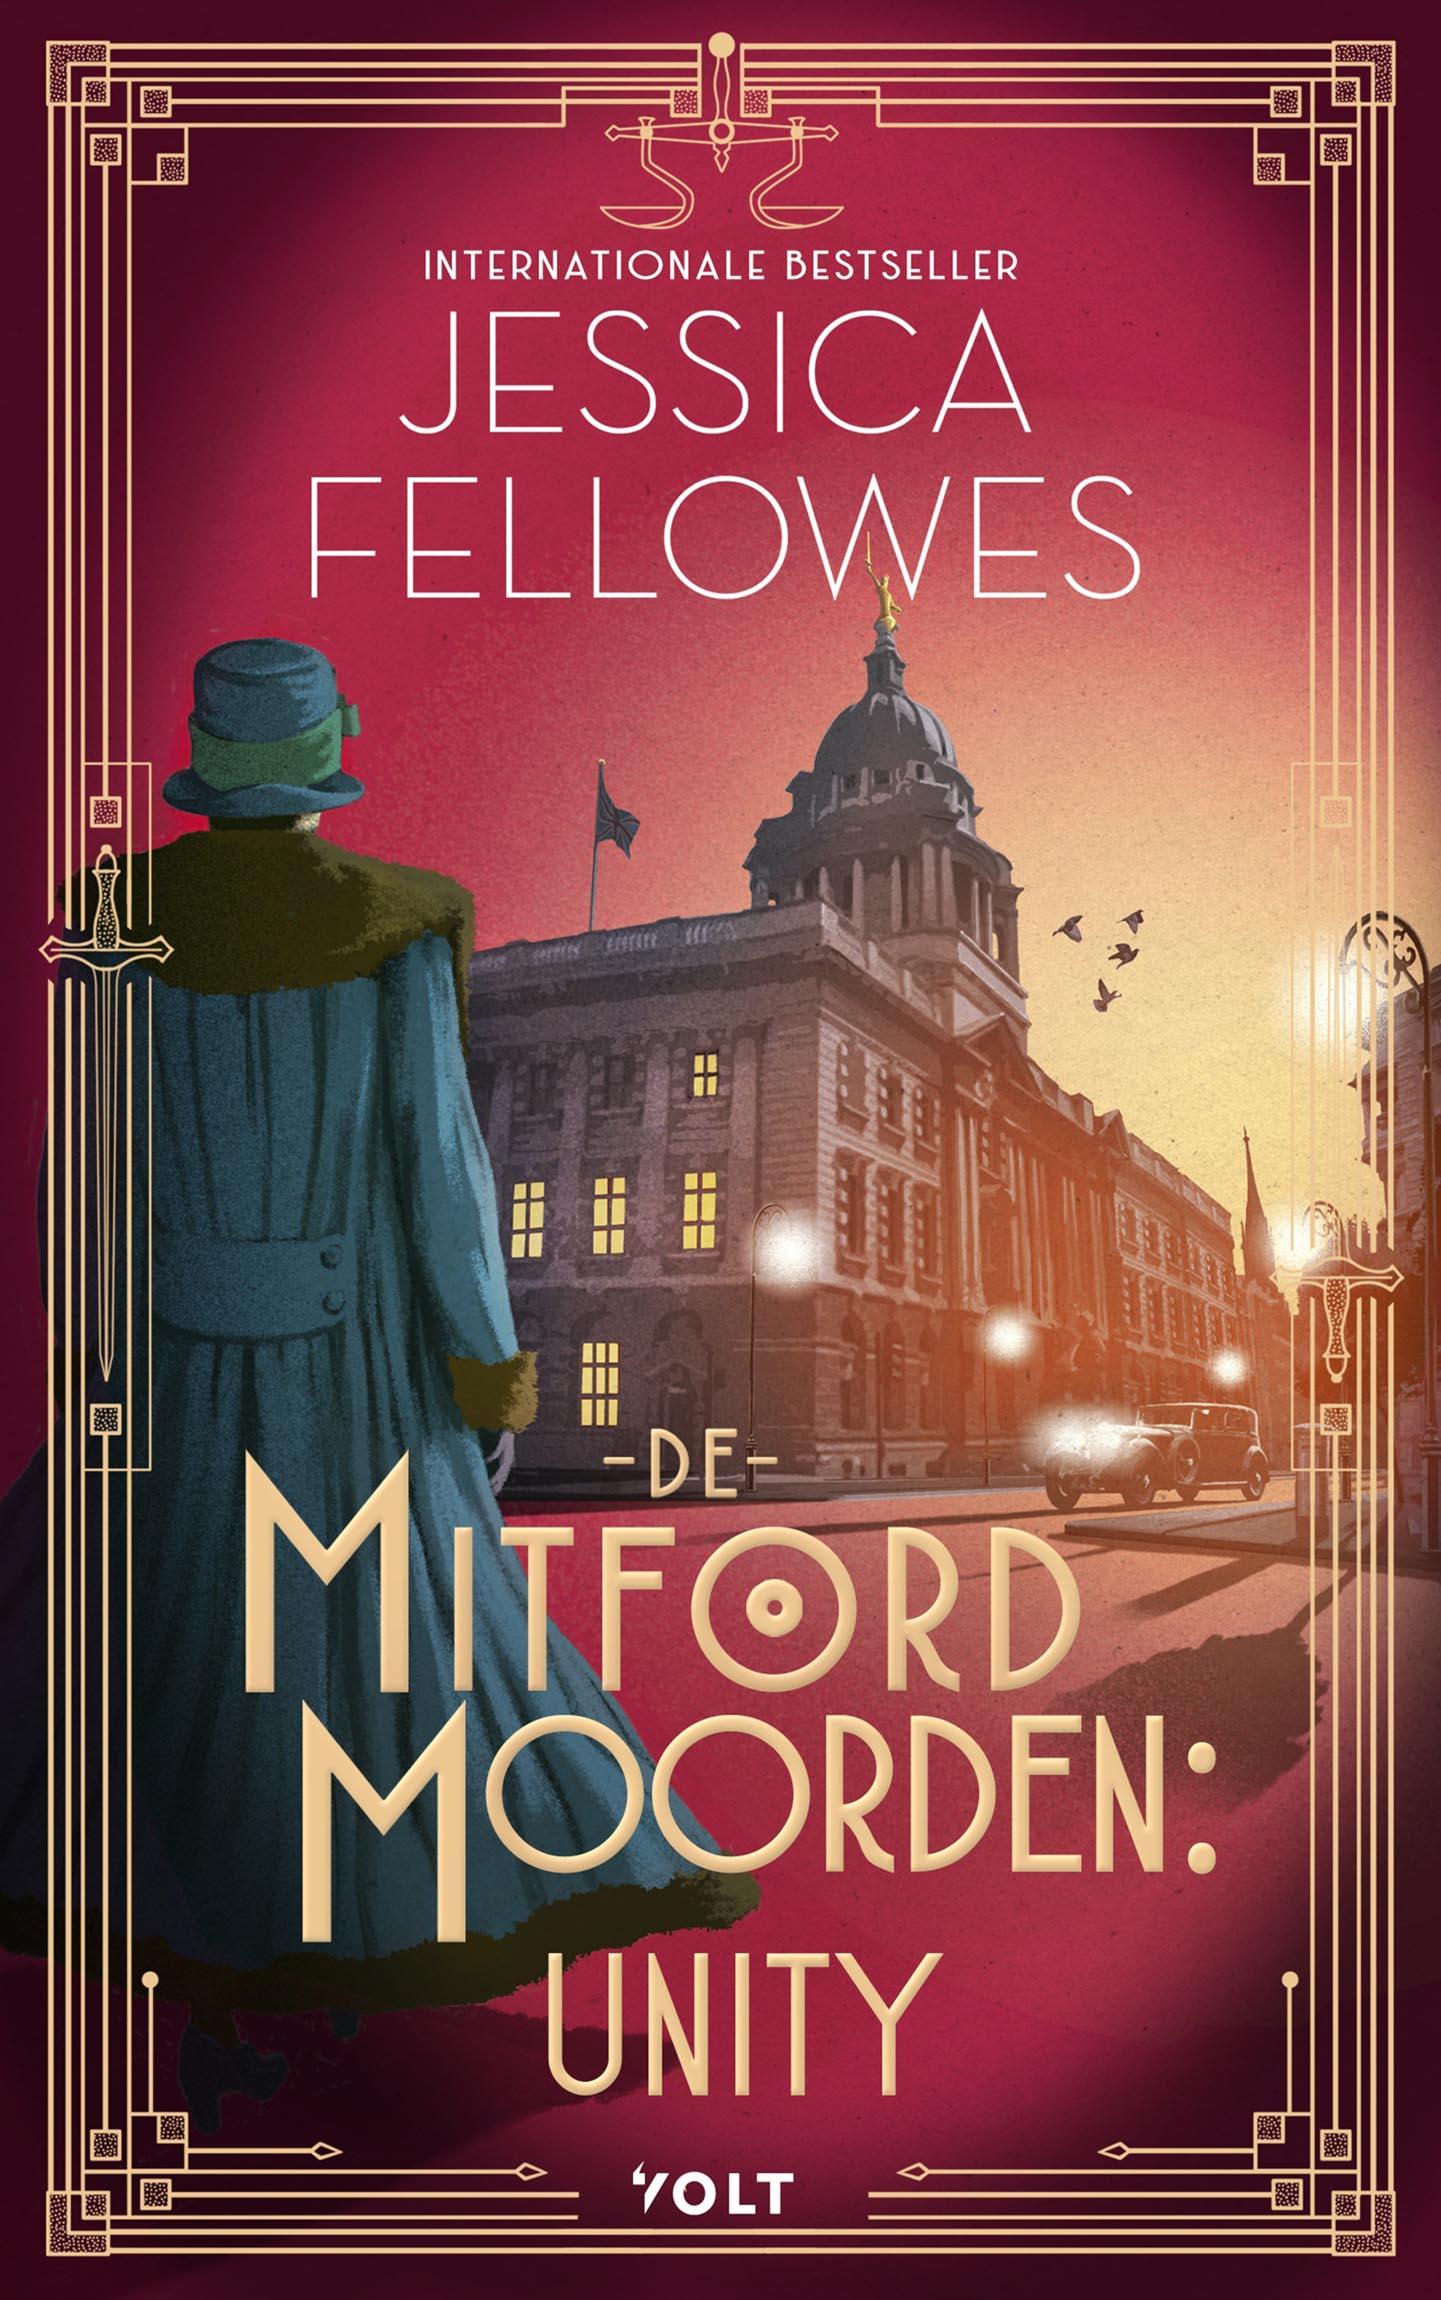 De Mitford-moorden-Unity - boekenflits